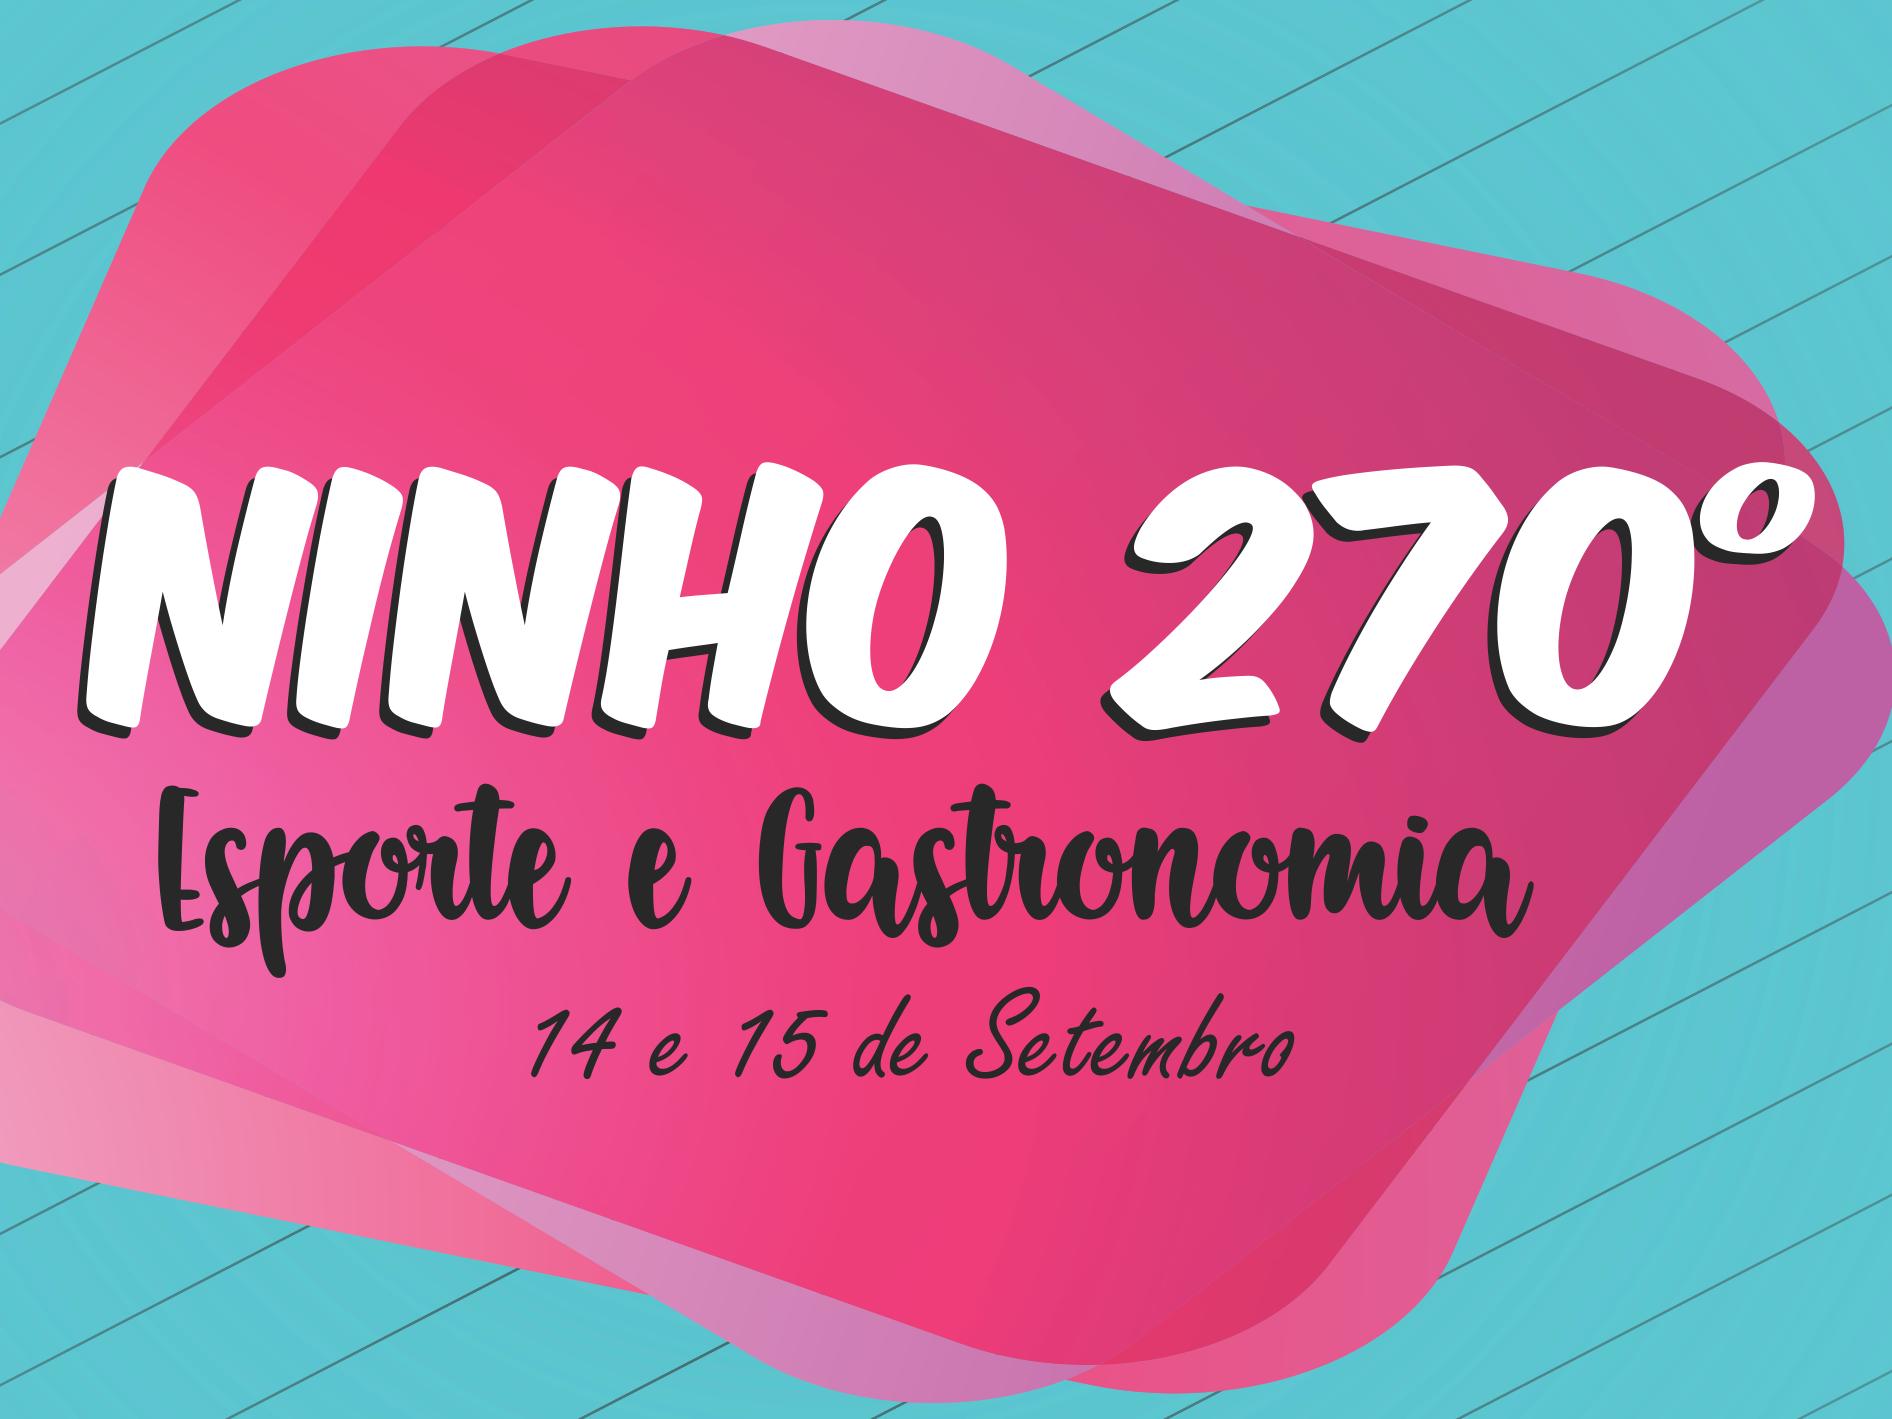 Foto de capa da notícia: Ninho 270° - Esporte e Gastronomia ocorre dias 14 e 15 de setembro